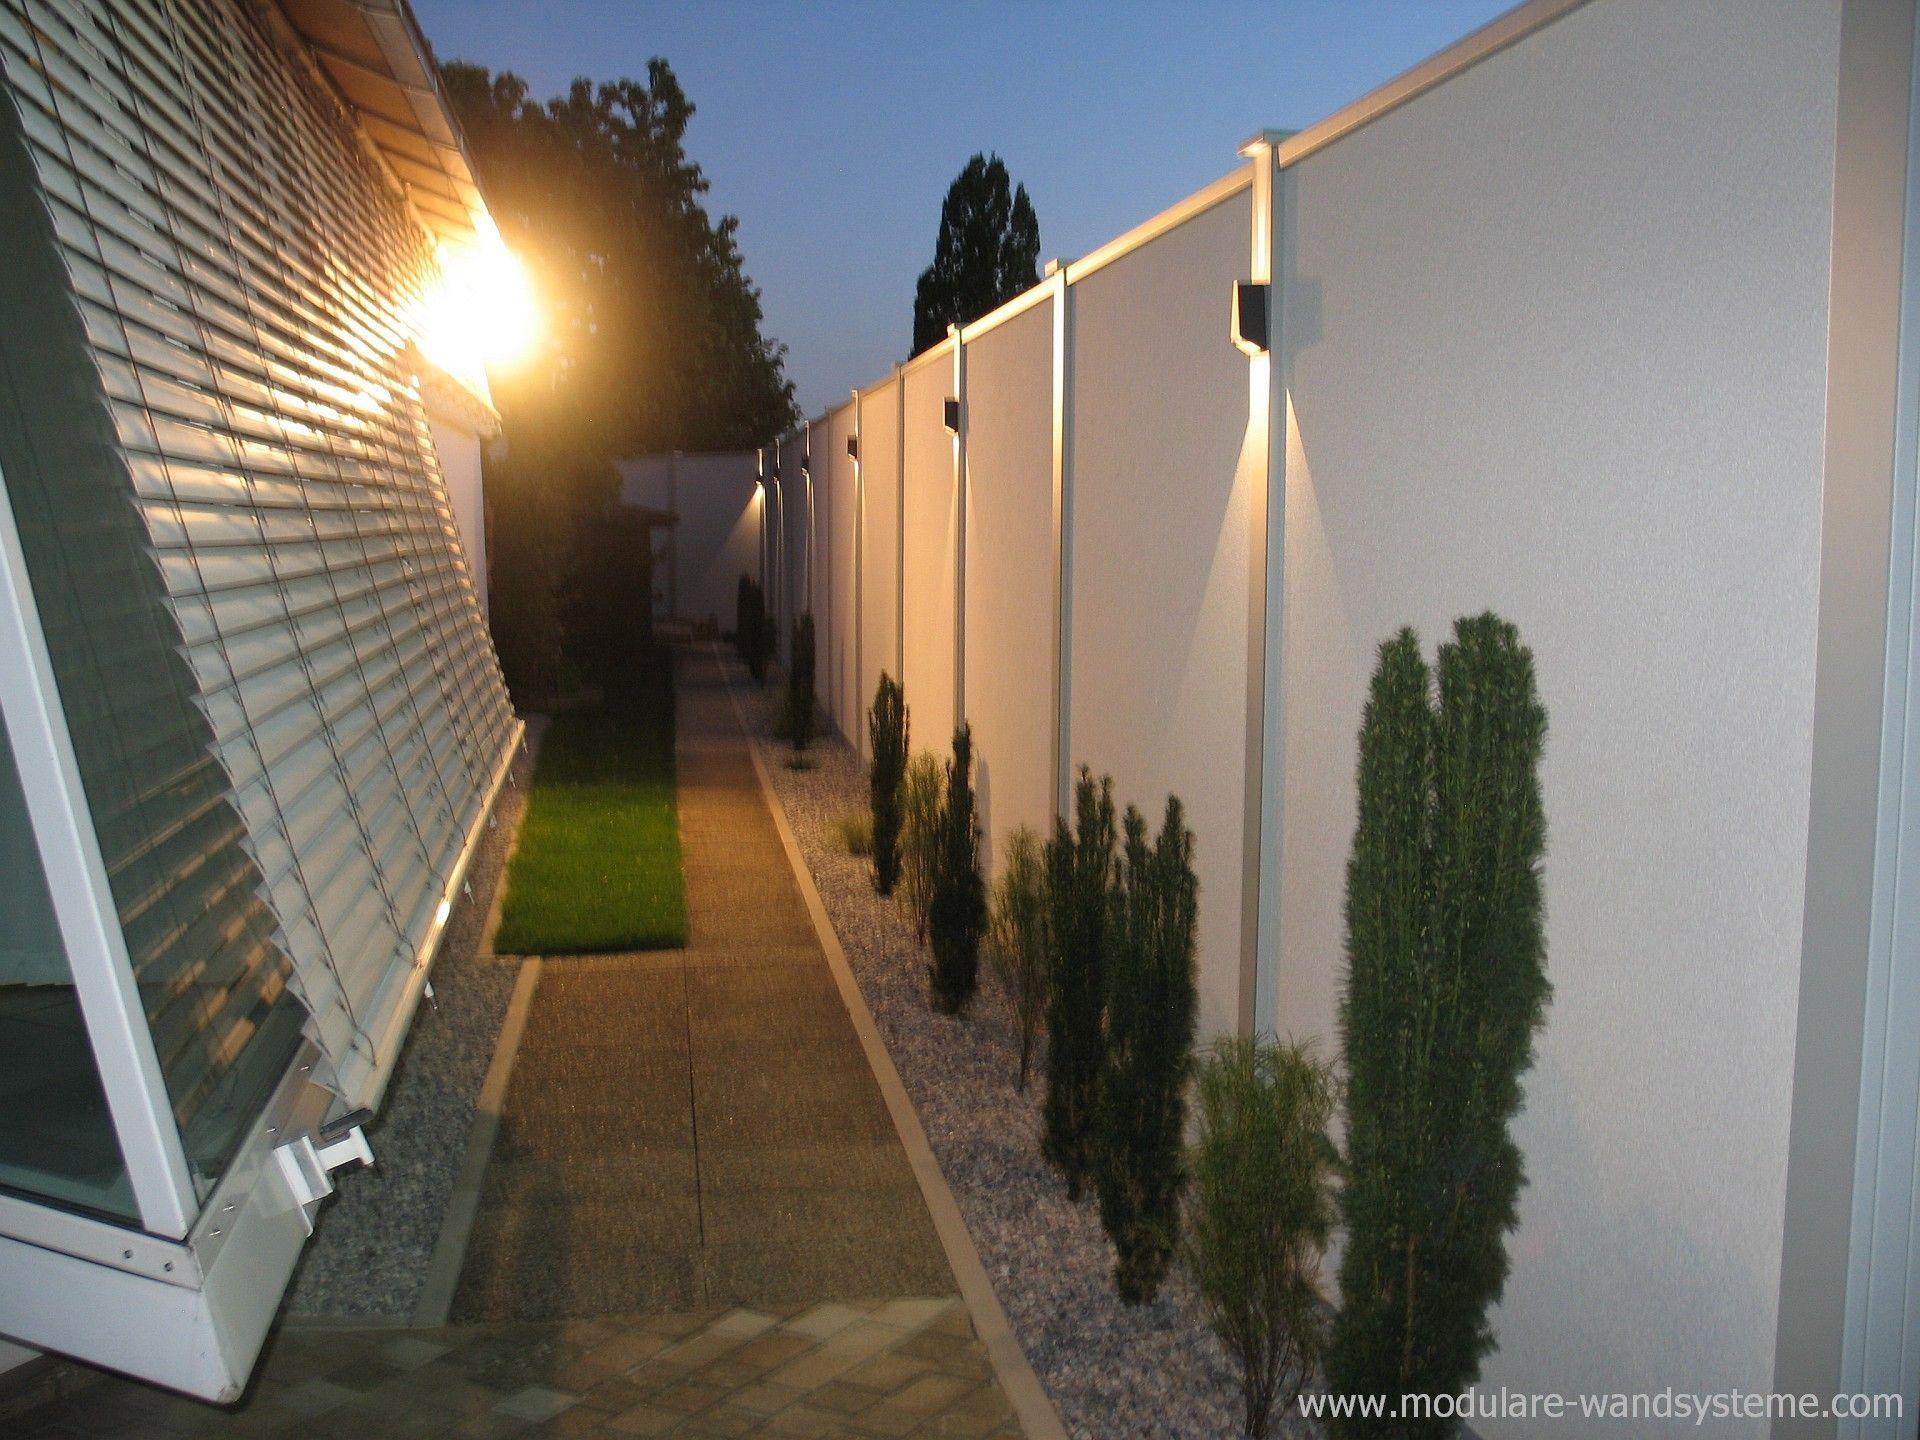 Modulare Wandsysteme Sichtschutz Larmschutz 270 Cm Hohe Mit Beleuchtung Maison